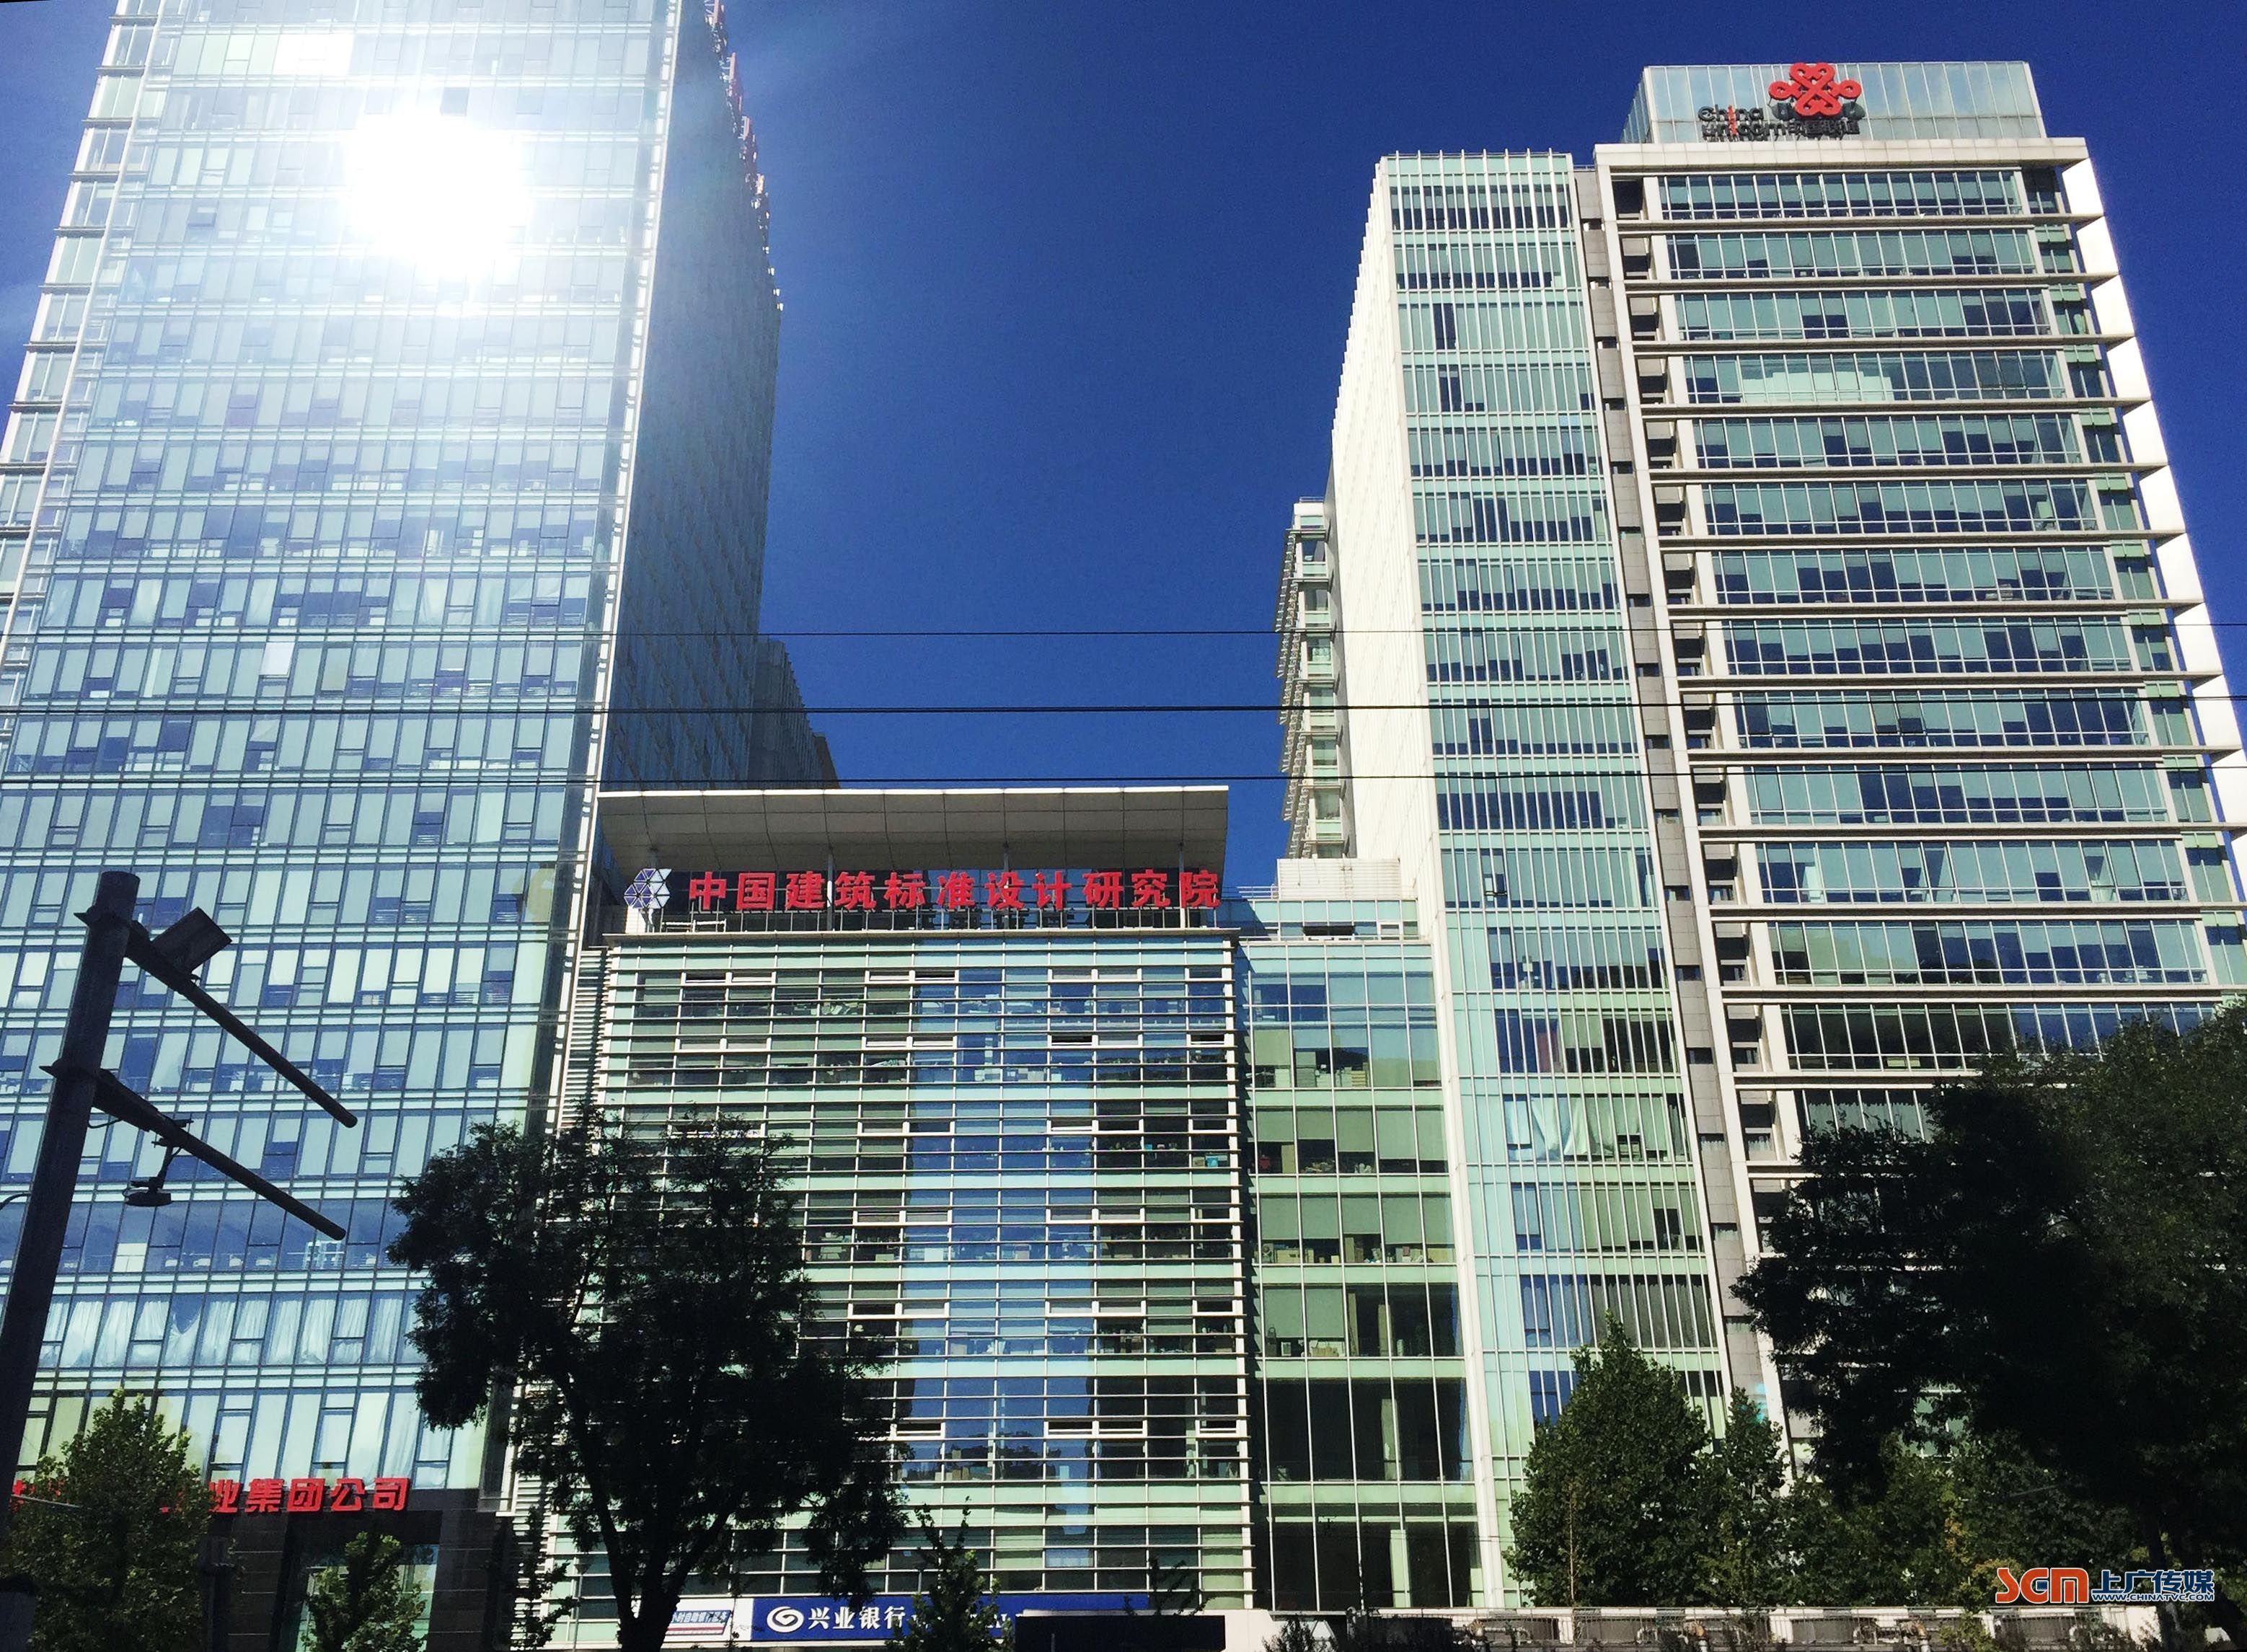 中国建筑标准院拍摄花絮宣传片拍摄制作现场花絮